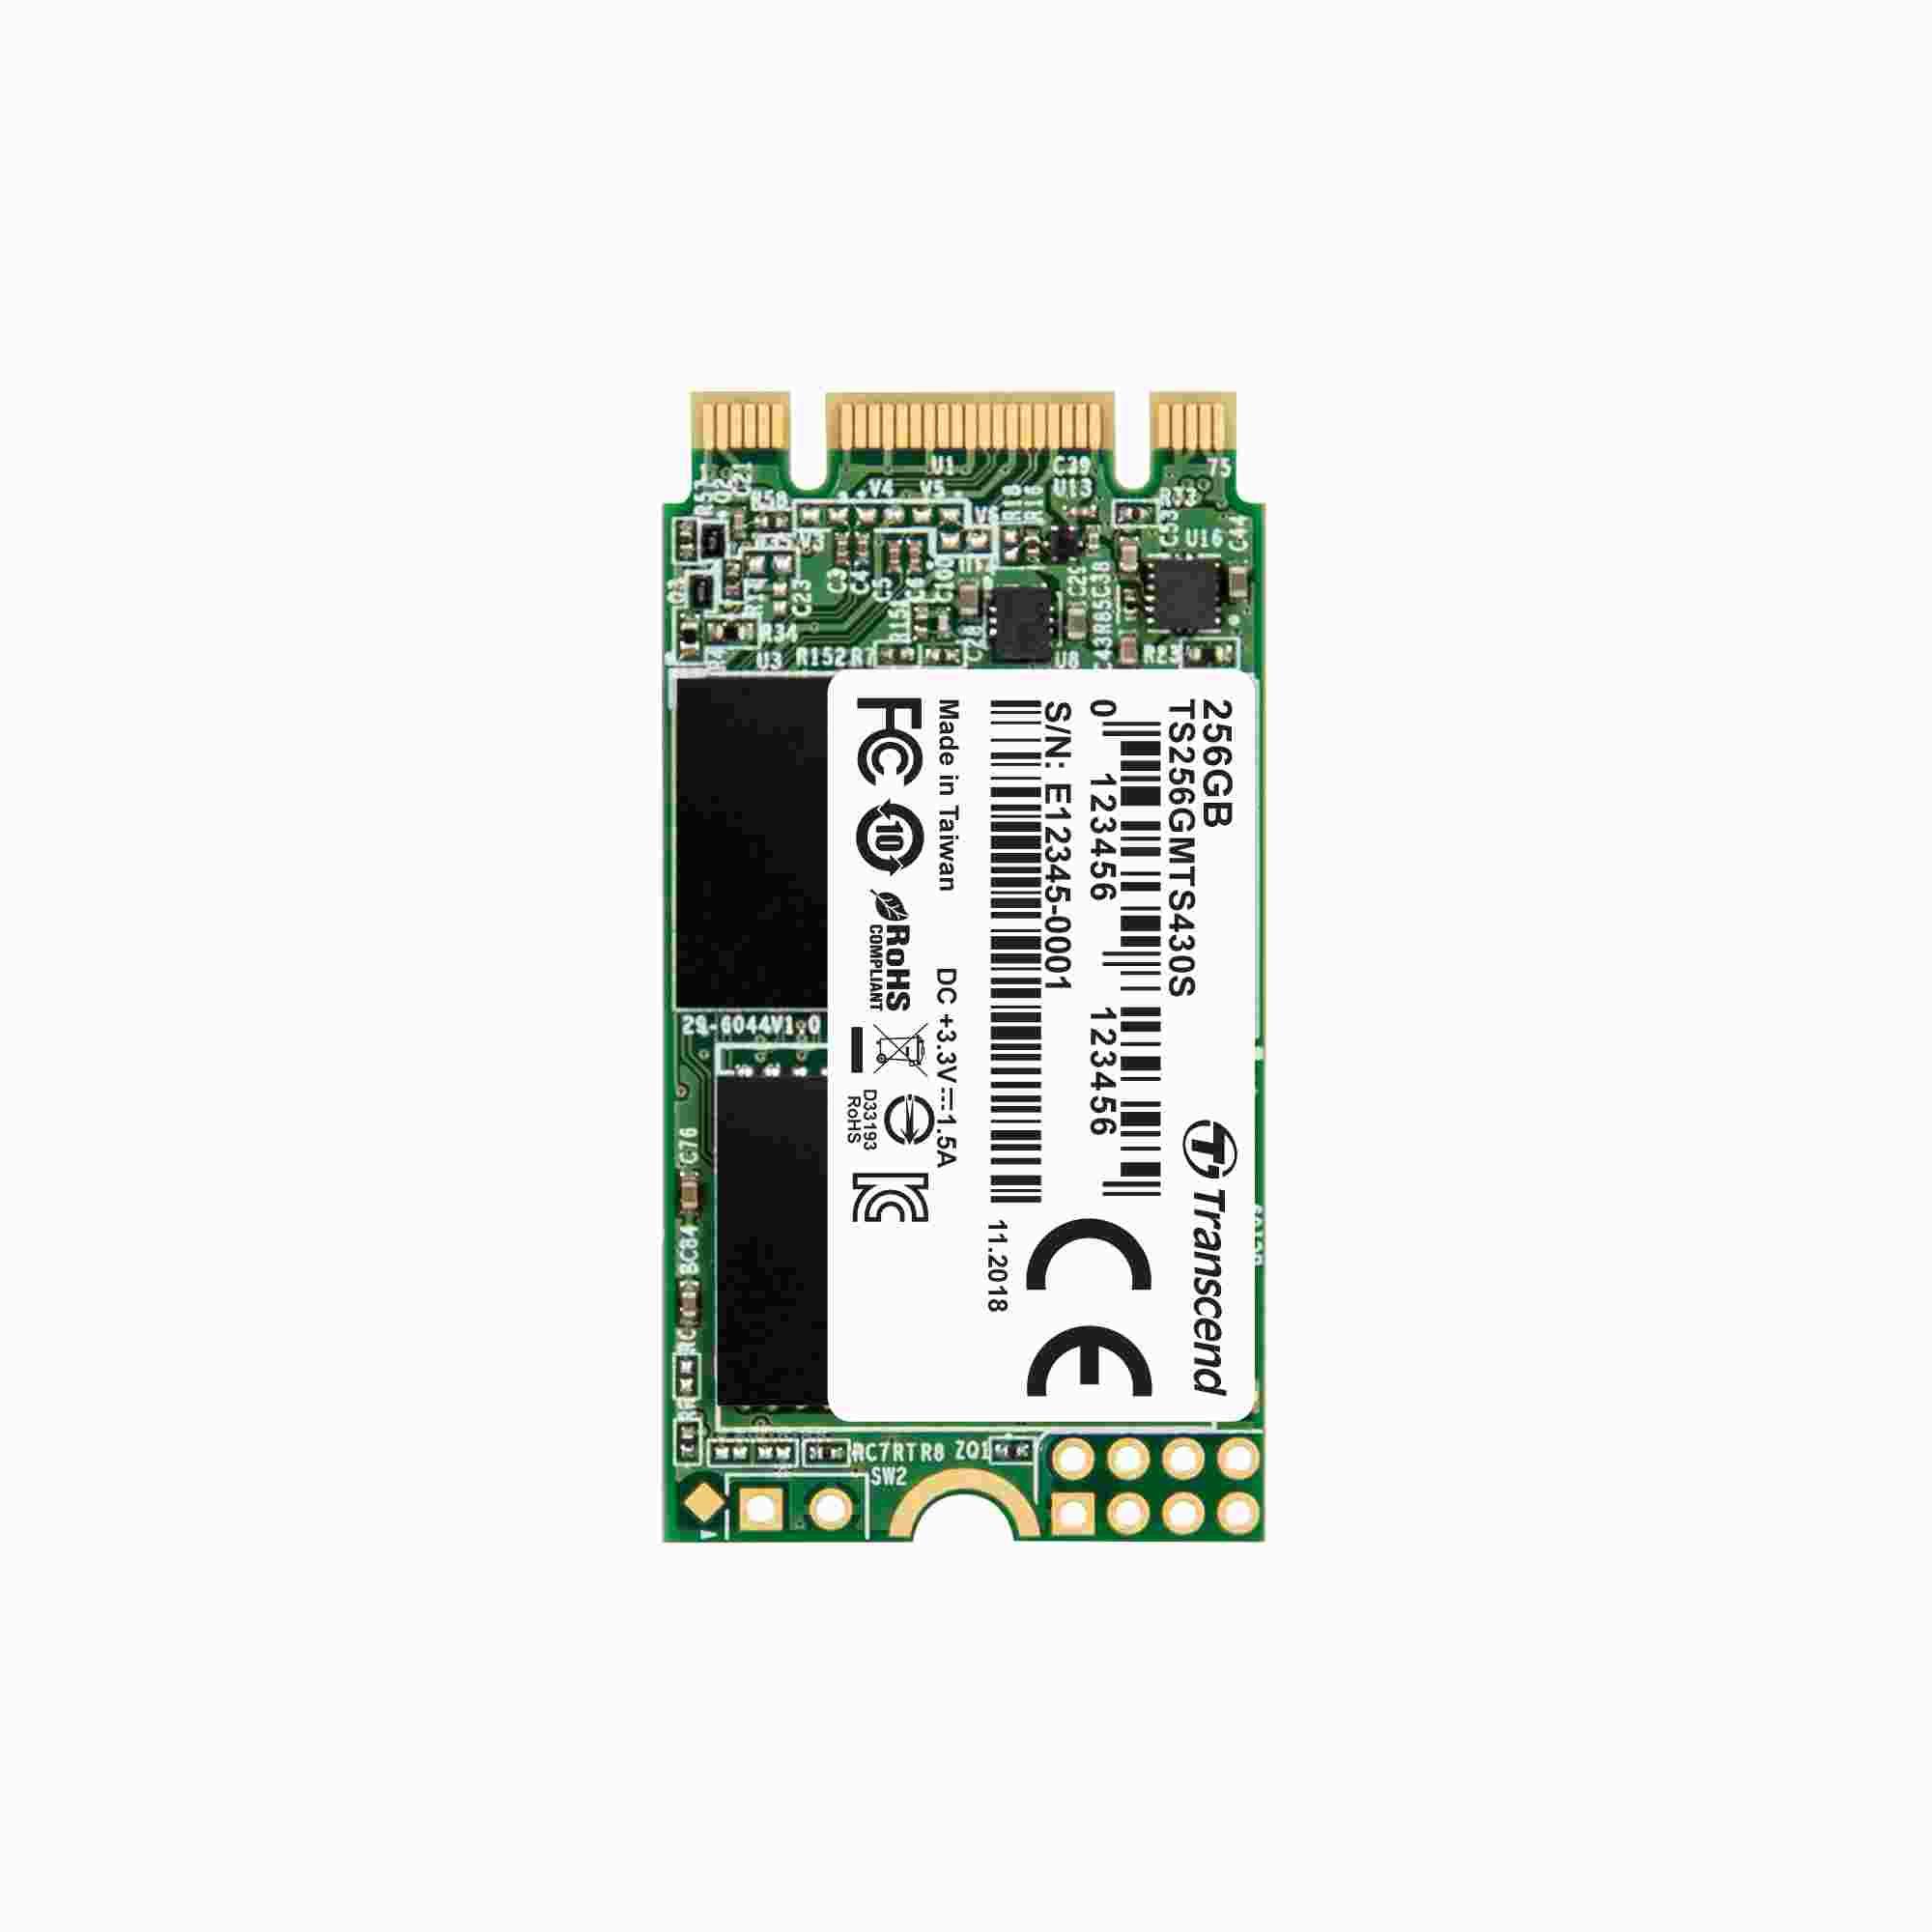 TRANSCEND Industrial SSD MTS430S 256GB, M.2 2242, SATA III 6Gb/s, TLC